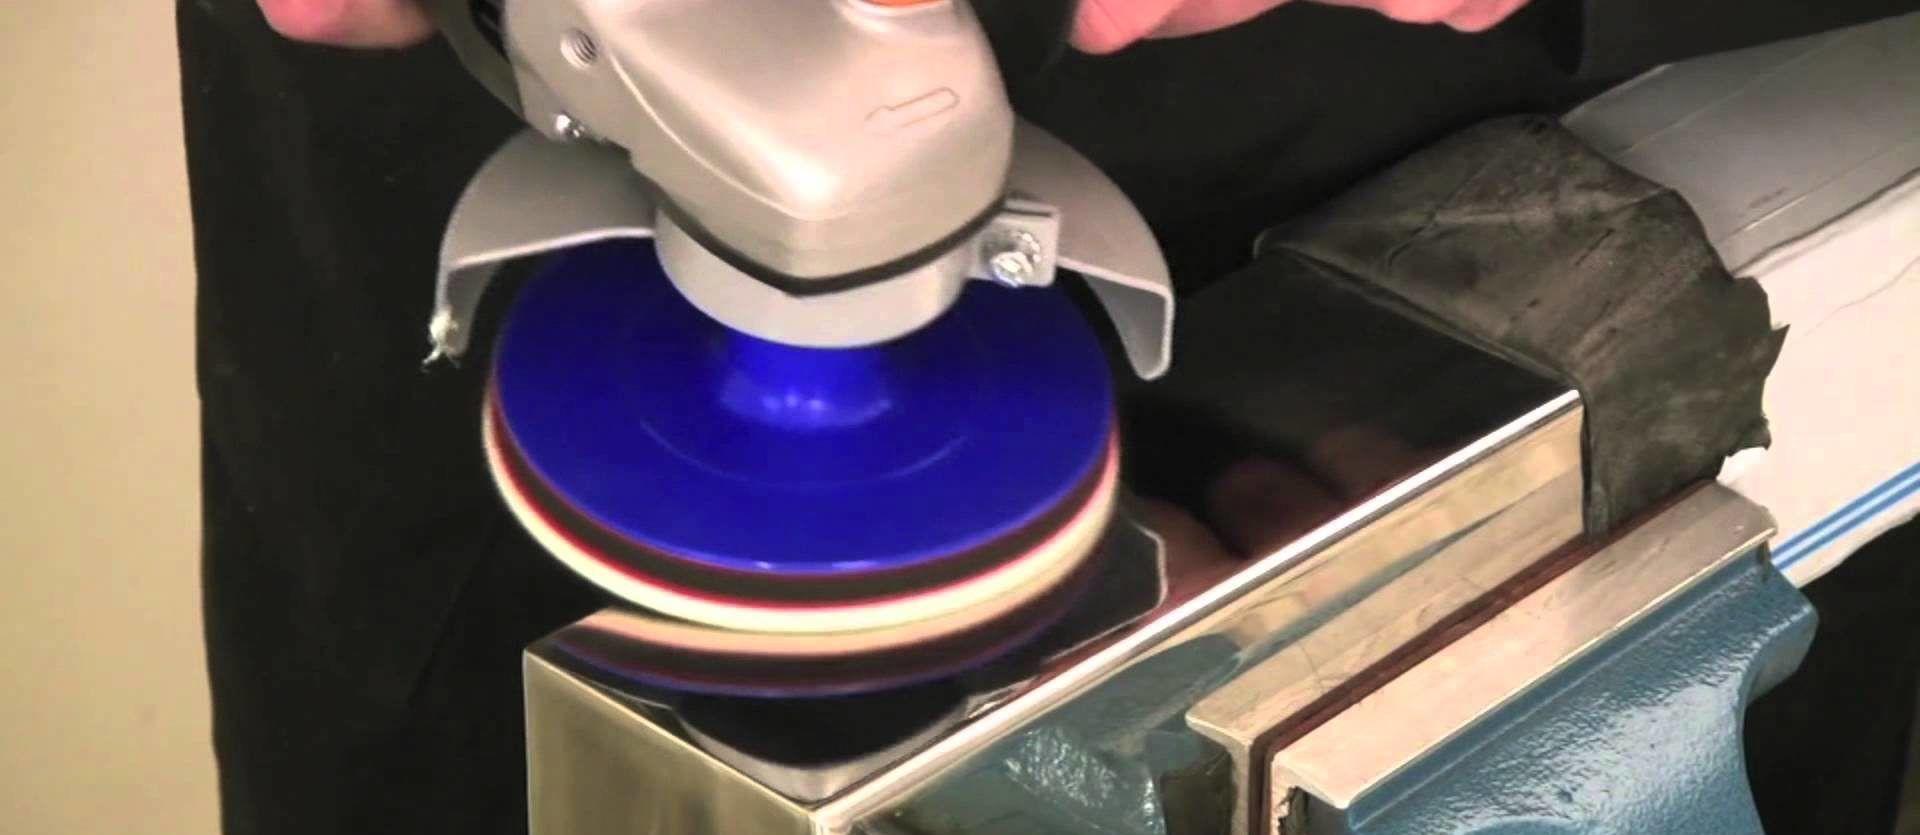 Полировка металла болгаркой